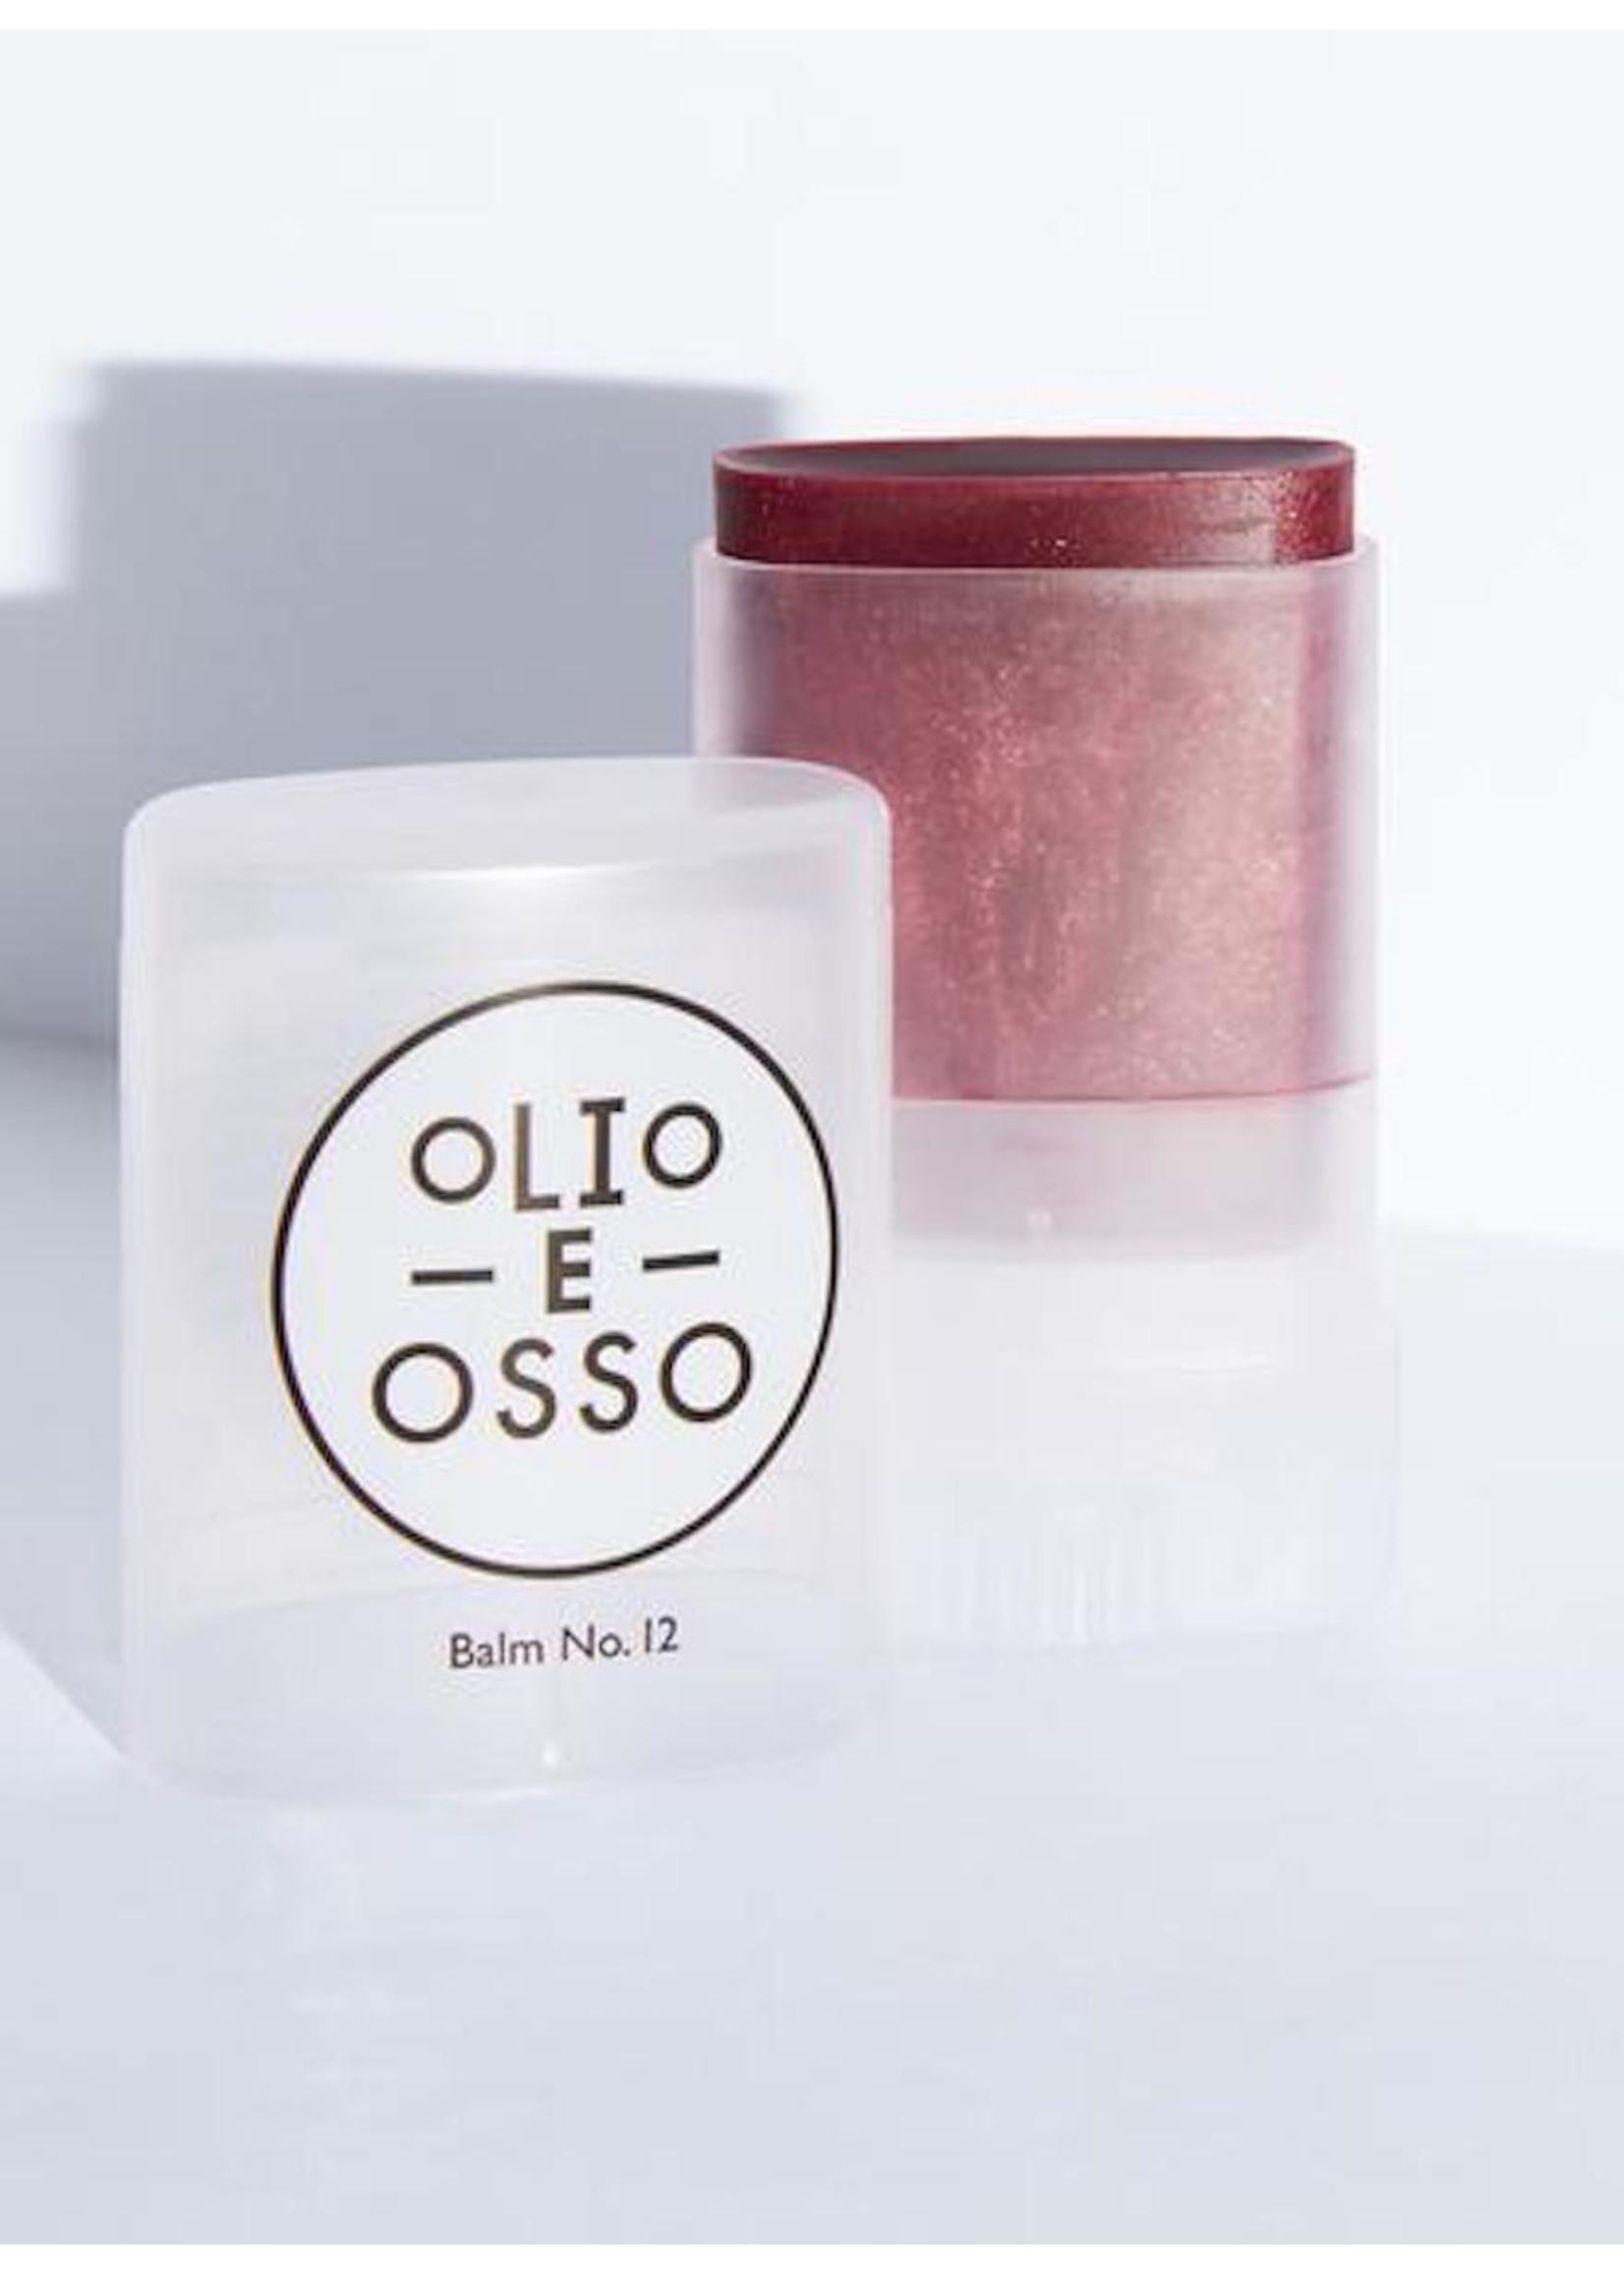 Olio E Osso Lip & Cheek Balms